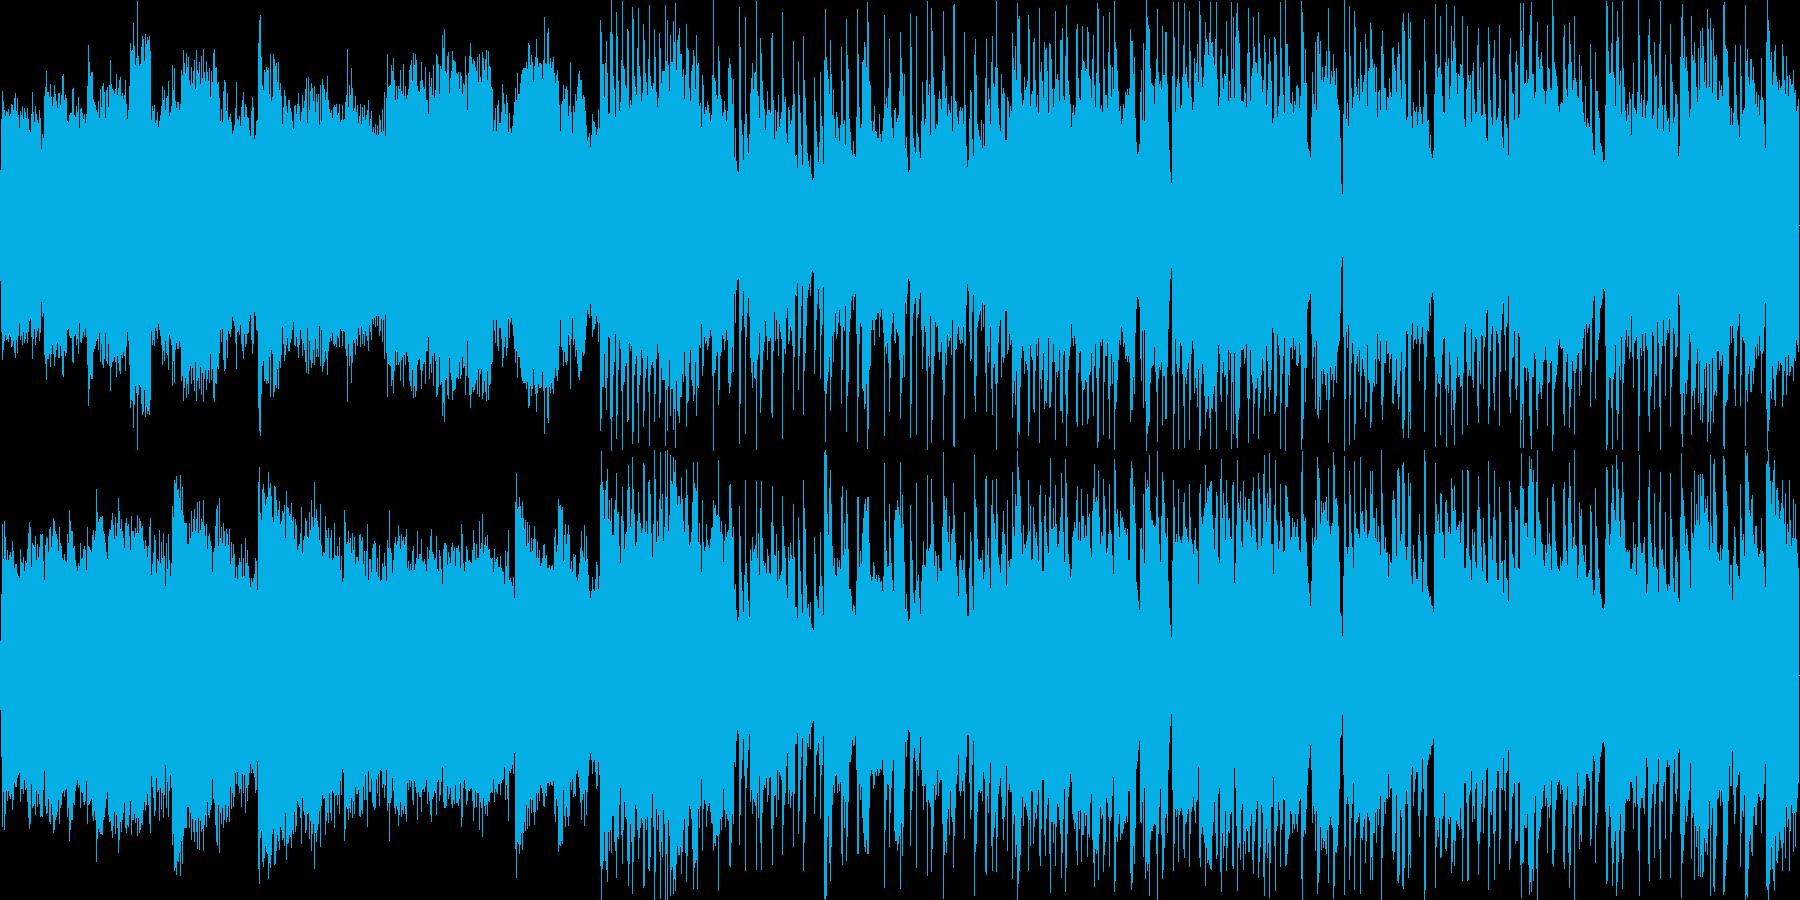 大ボスらしくとても力強い楽曲です。 勝…の再生済みの波形